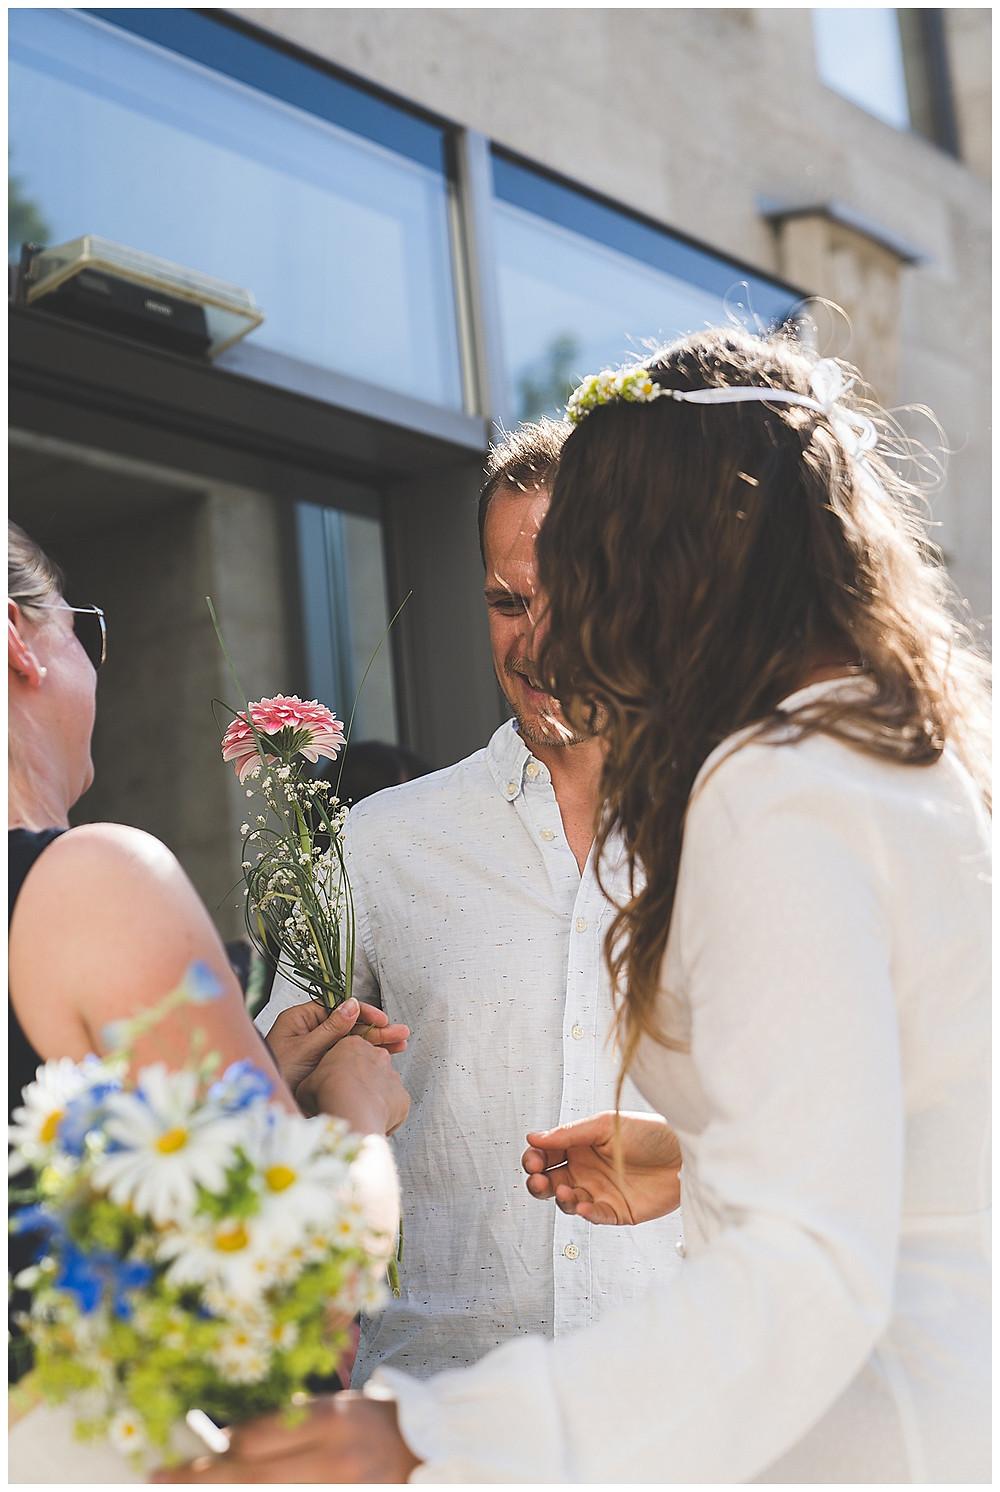 Gratulation mit Blumen nach Trauung